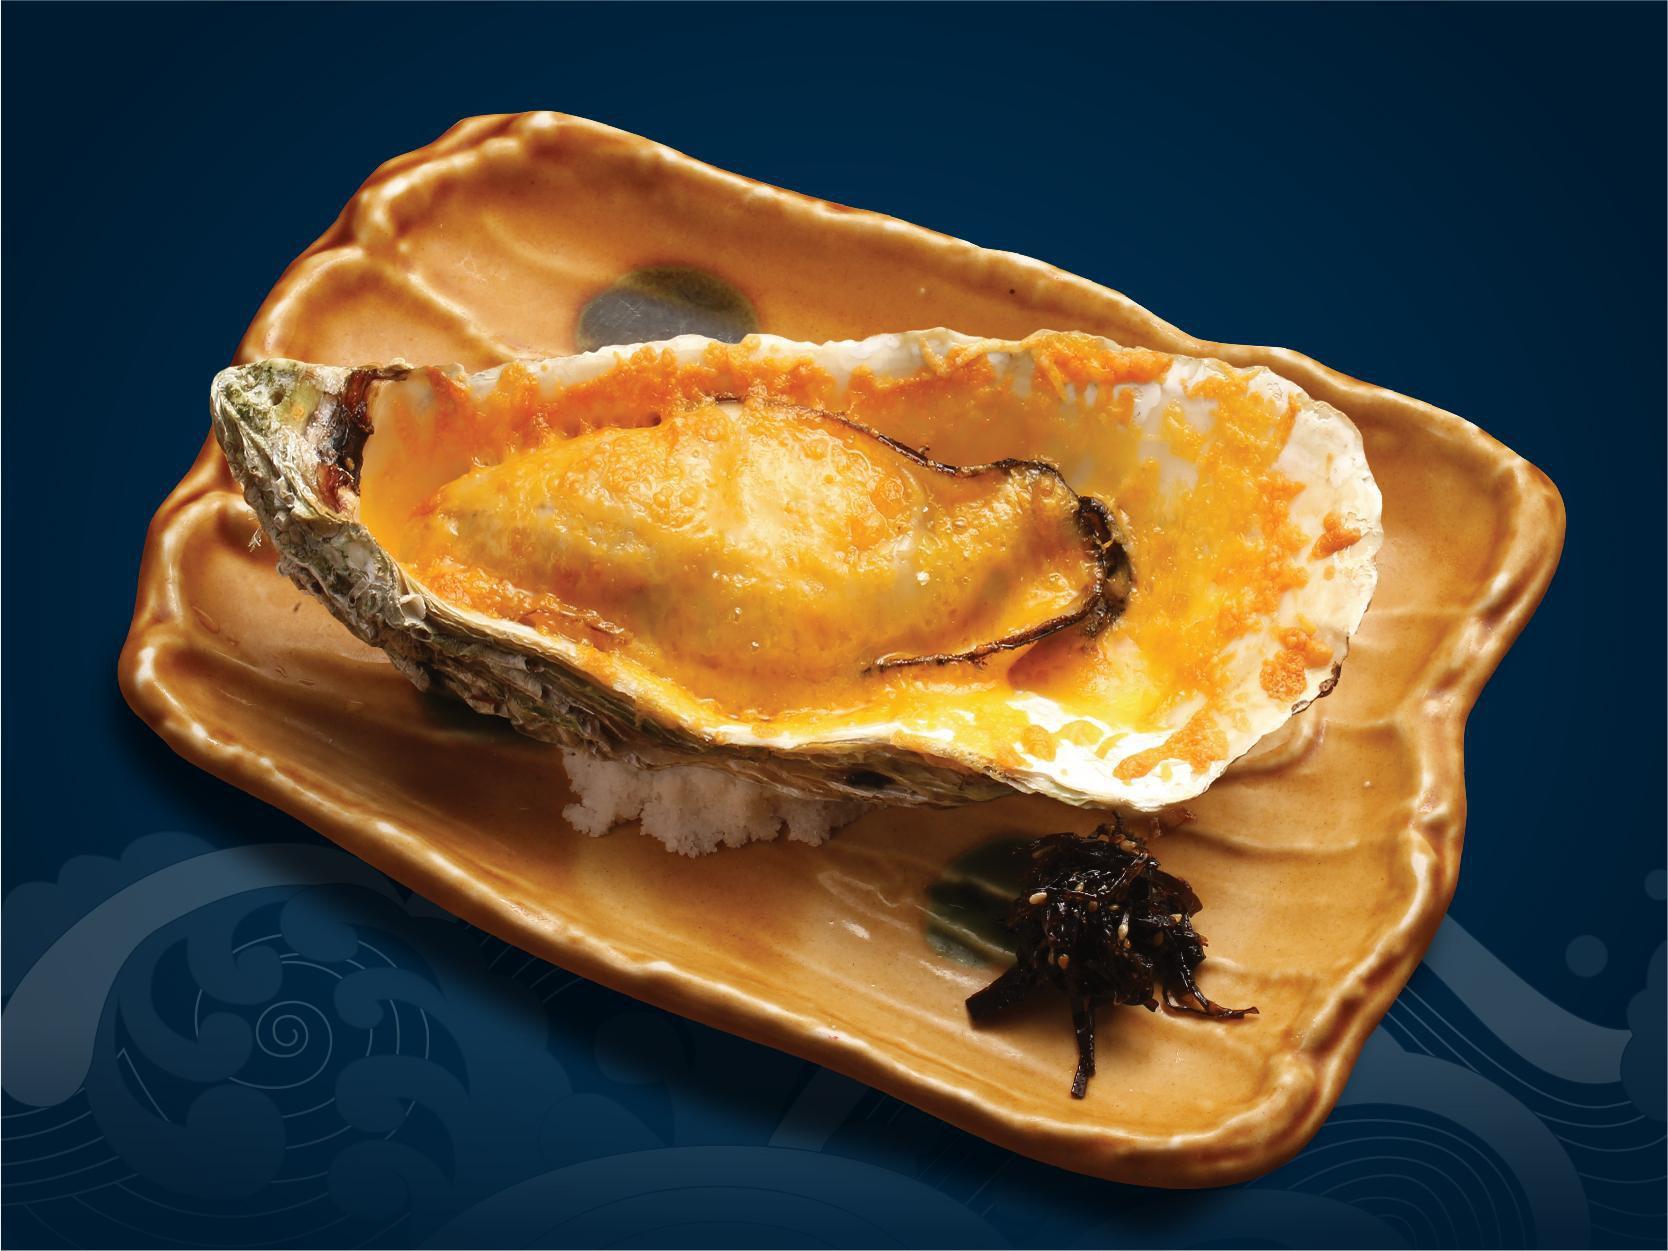 Những món ăn được yêu thích nhất vào mùa đông ở Nhật Bản - Ảnh 2.